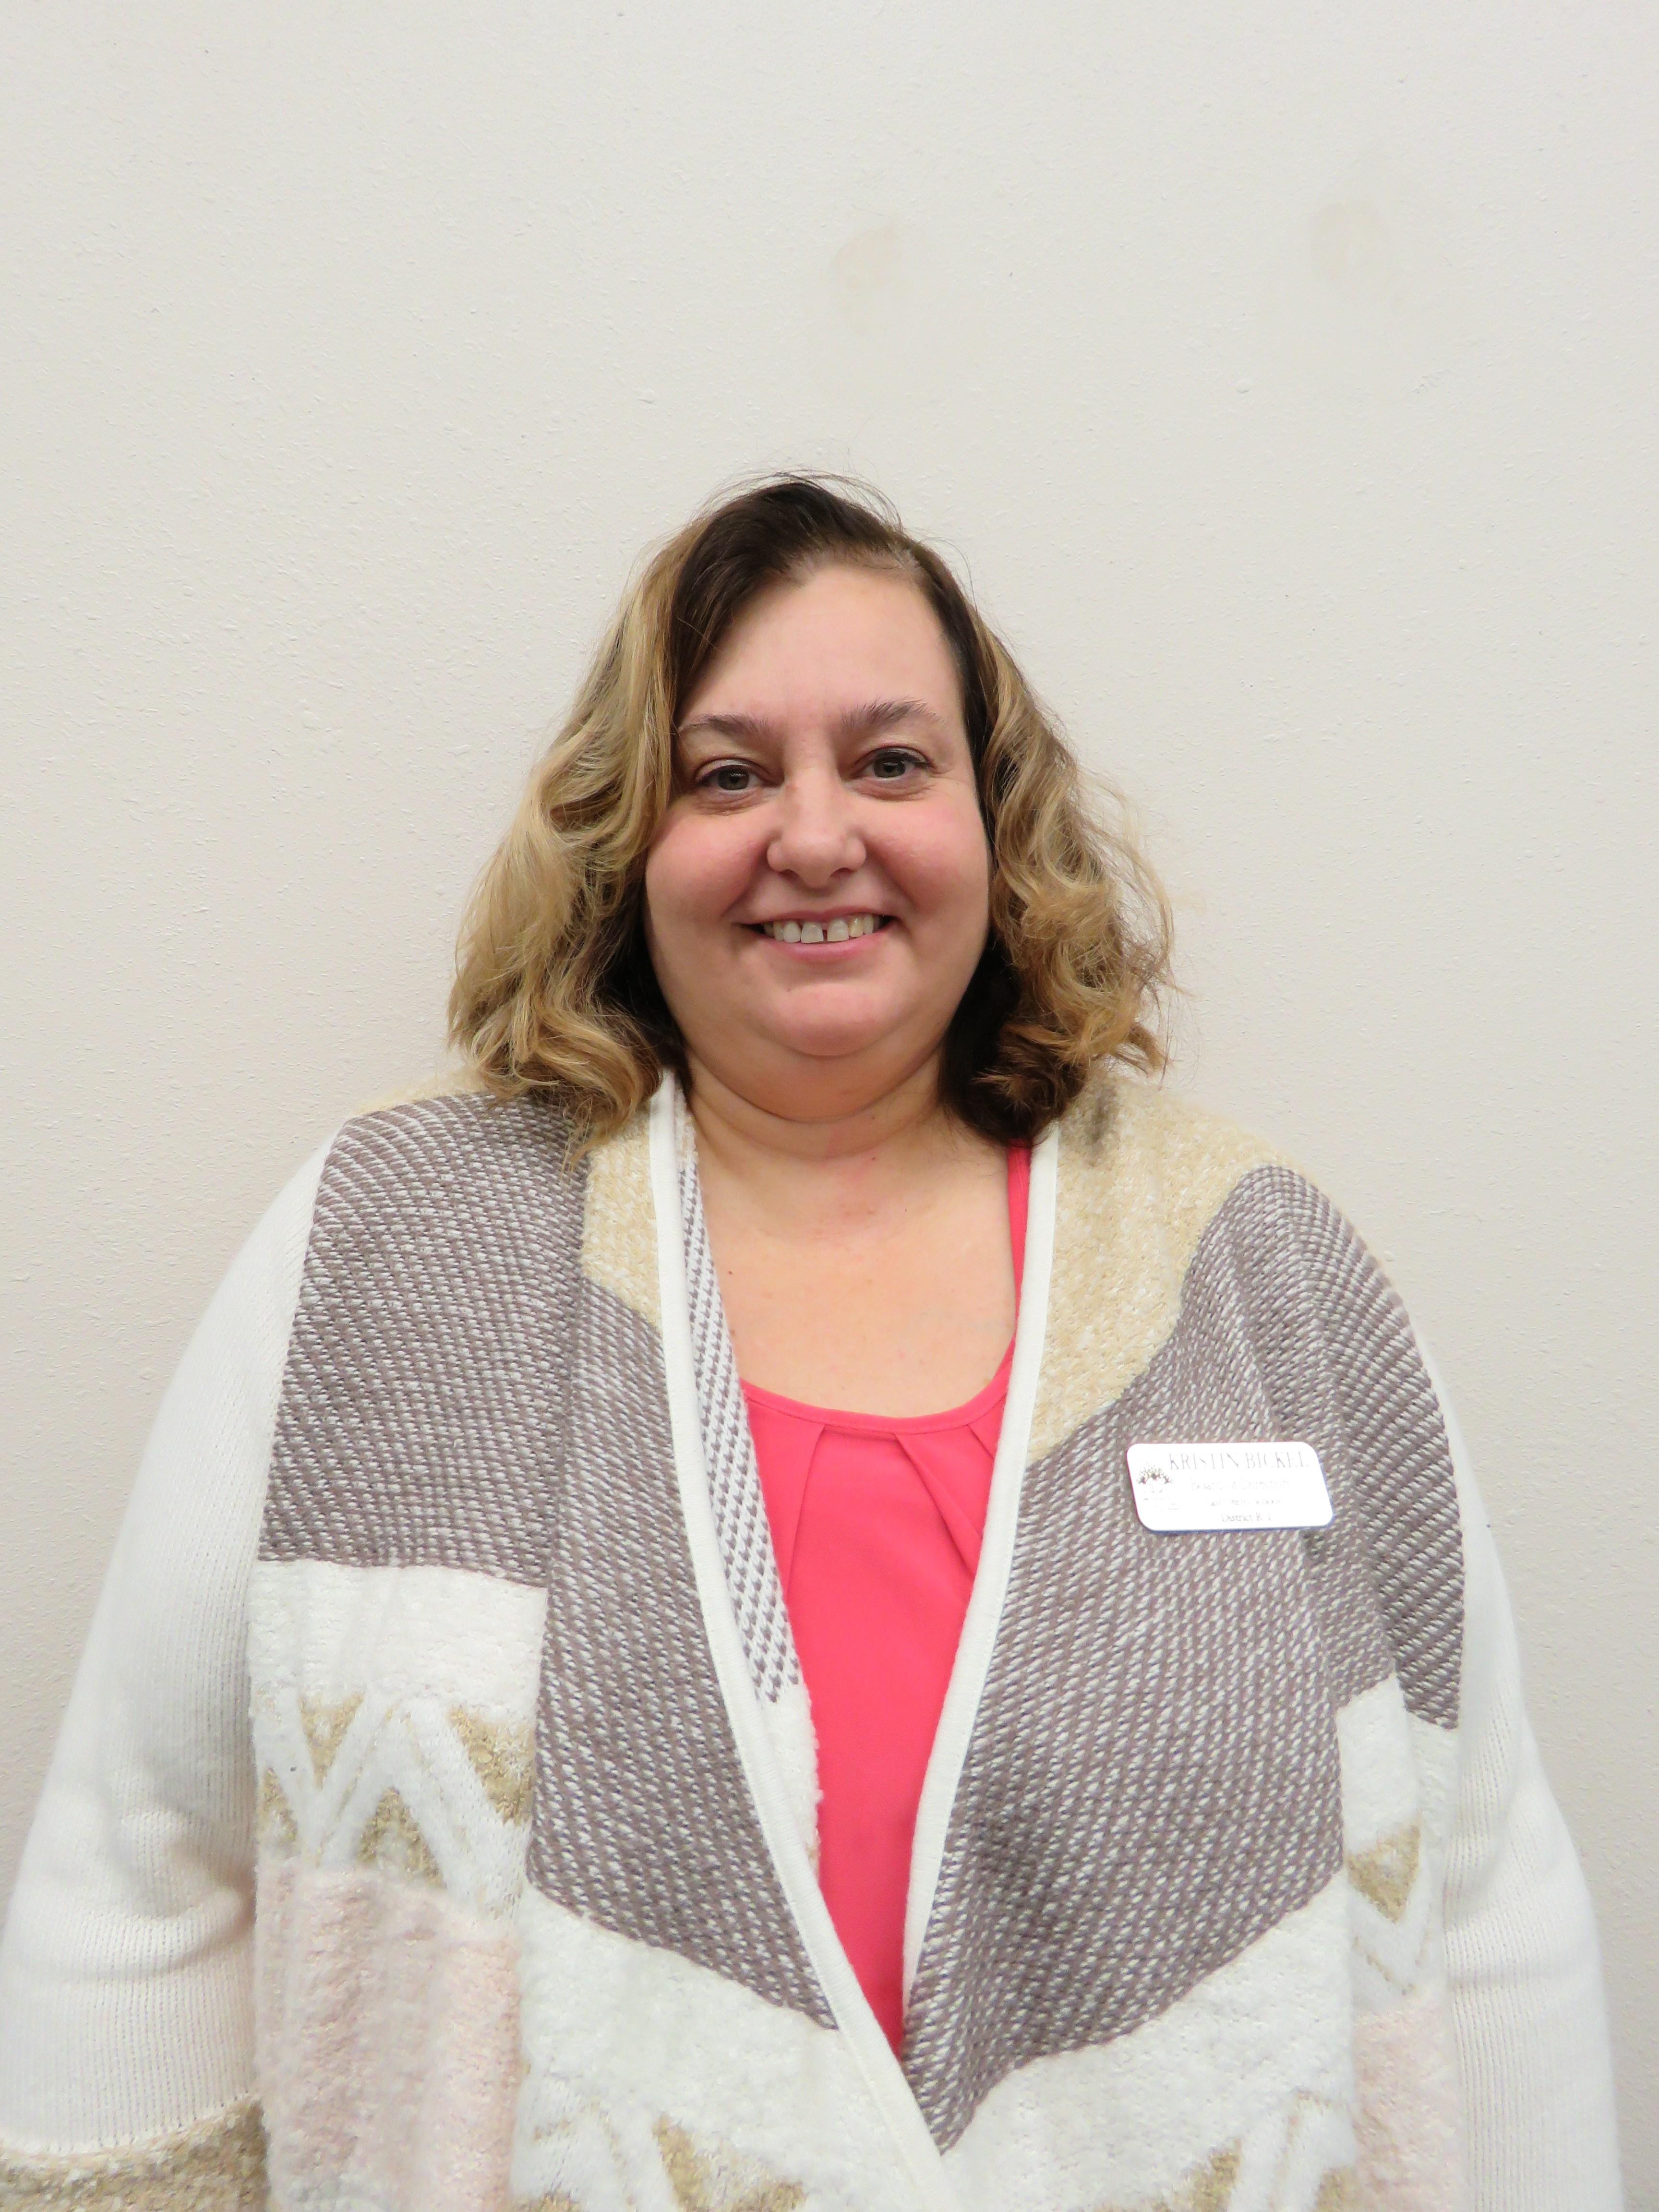 Kristin Bickel, Vice President